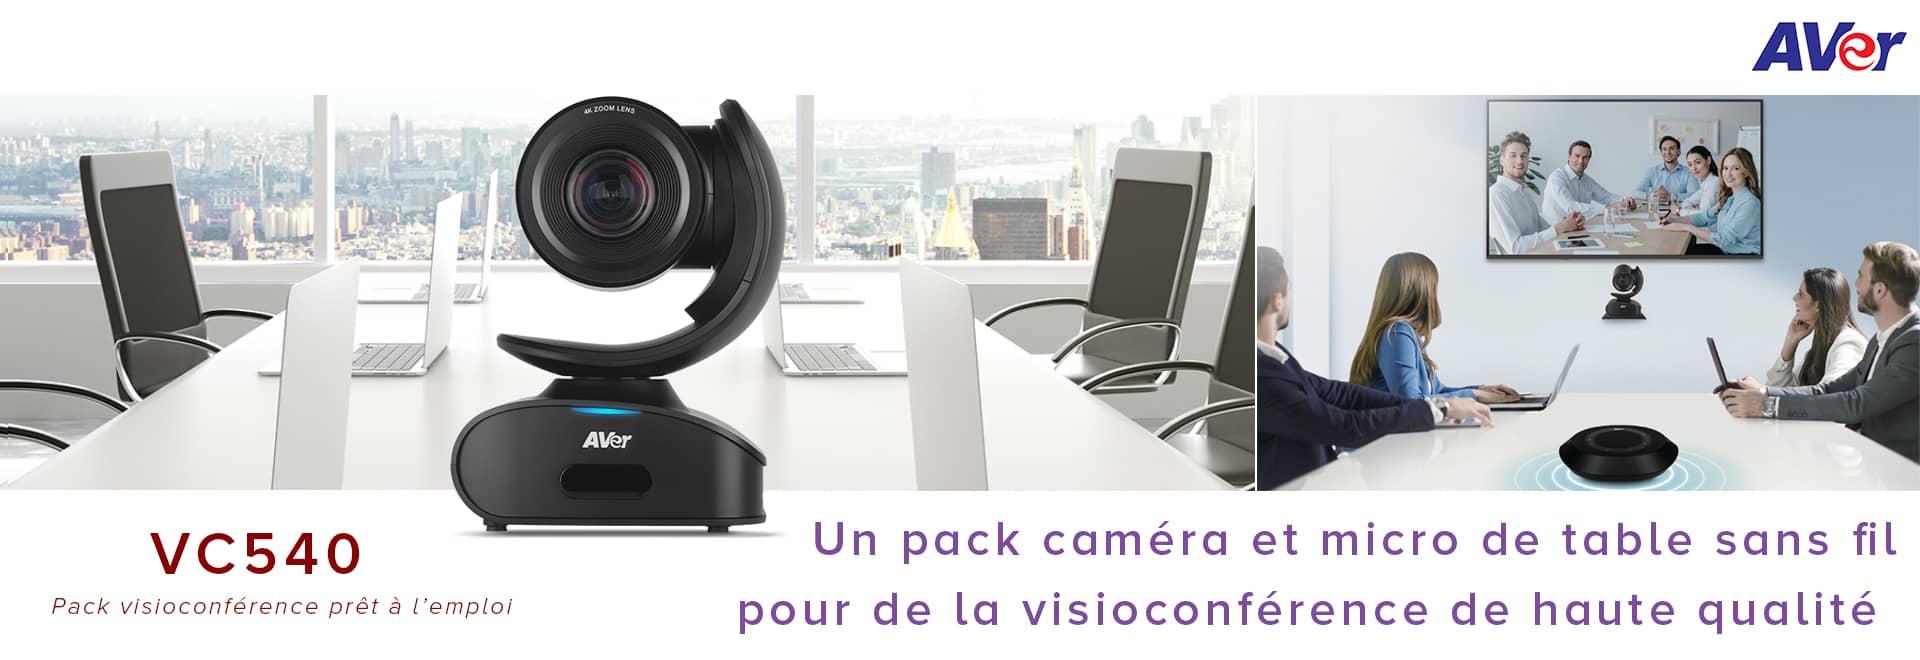 VC540 : pack visioconférence prêt à l'emploi, facile à installer